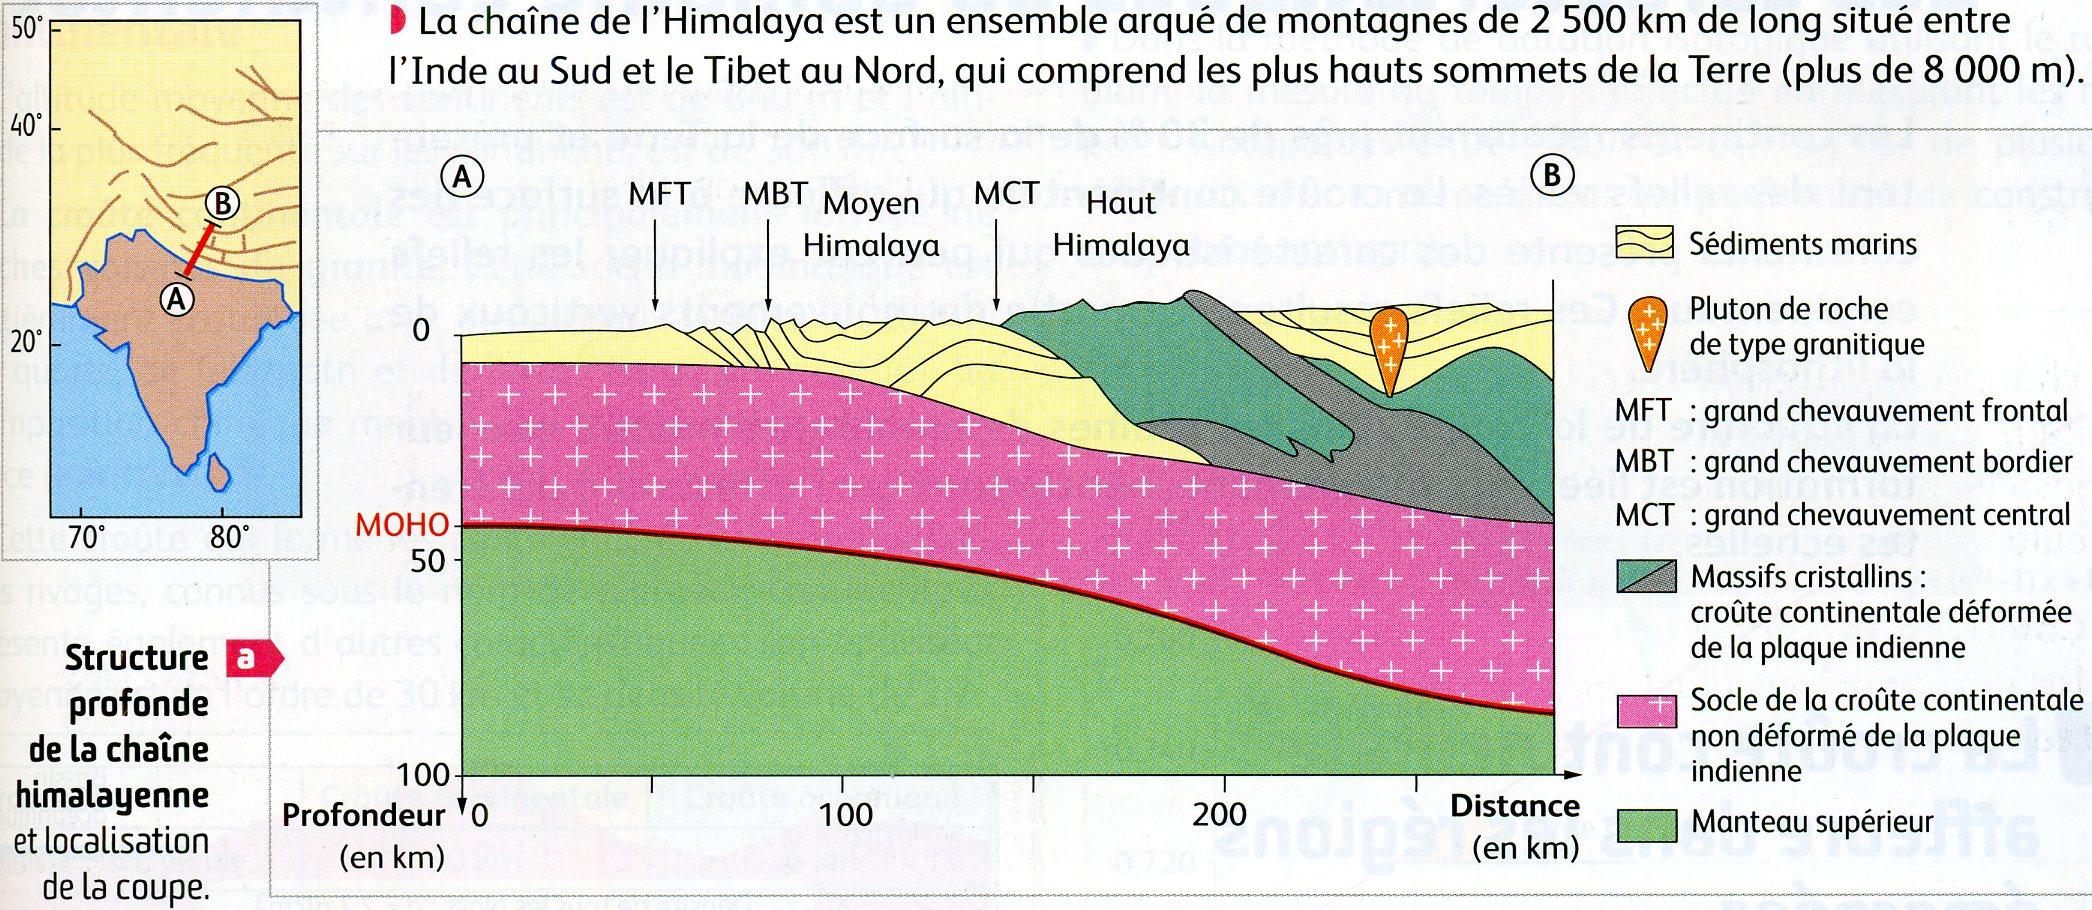 Himalaya structure profonde